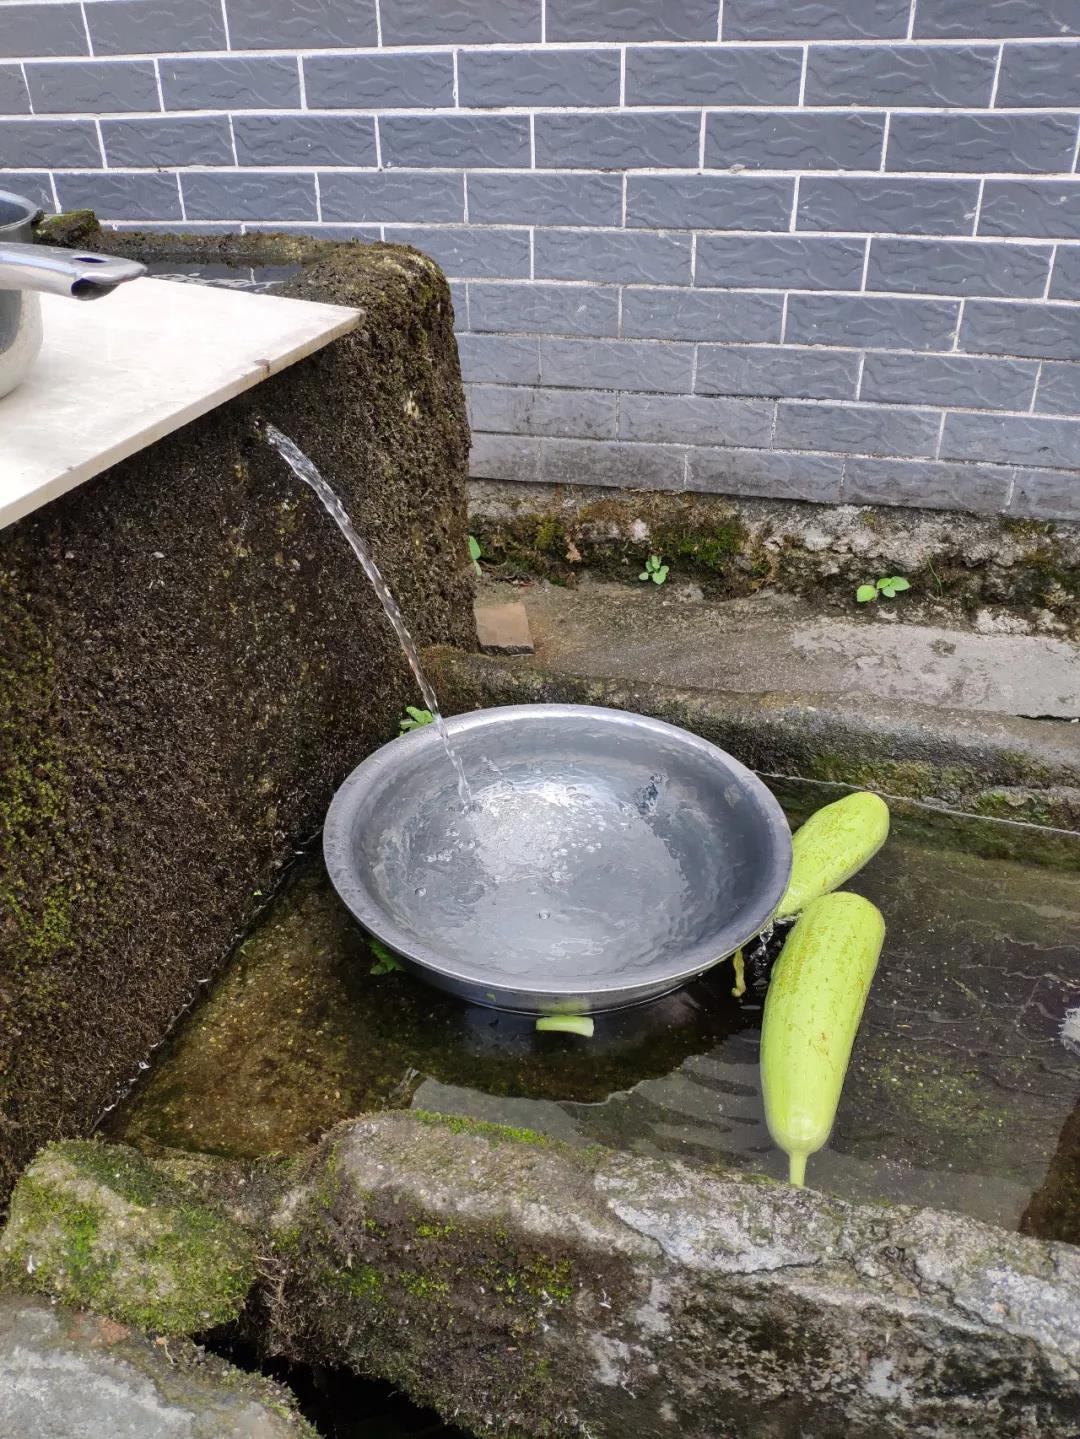 神山村村民彭长良家的自流泉